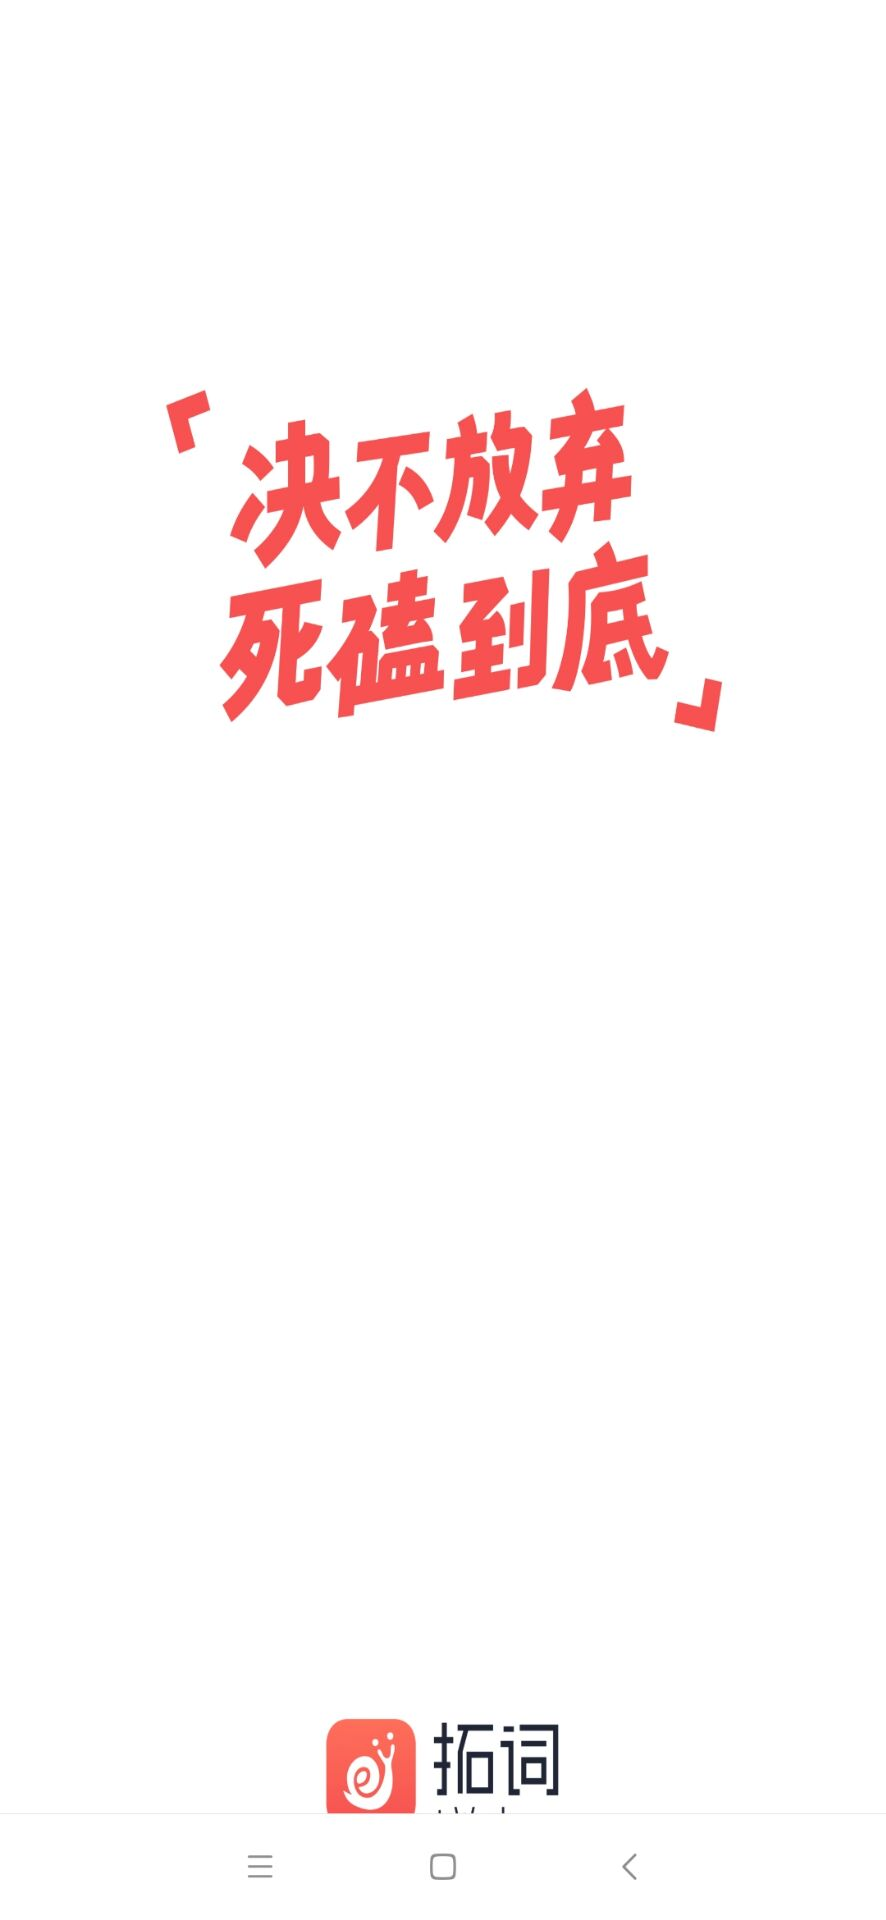 【安卓】拓词_v9.91(版本)已破解去除广告